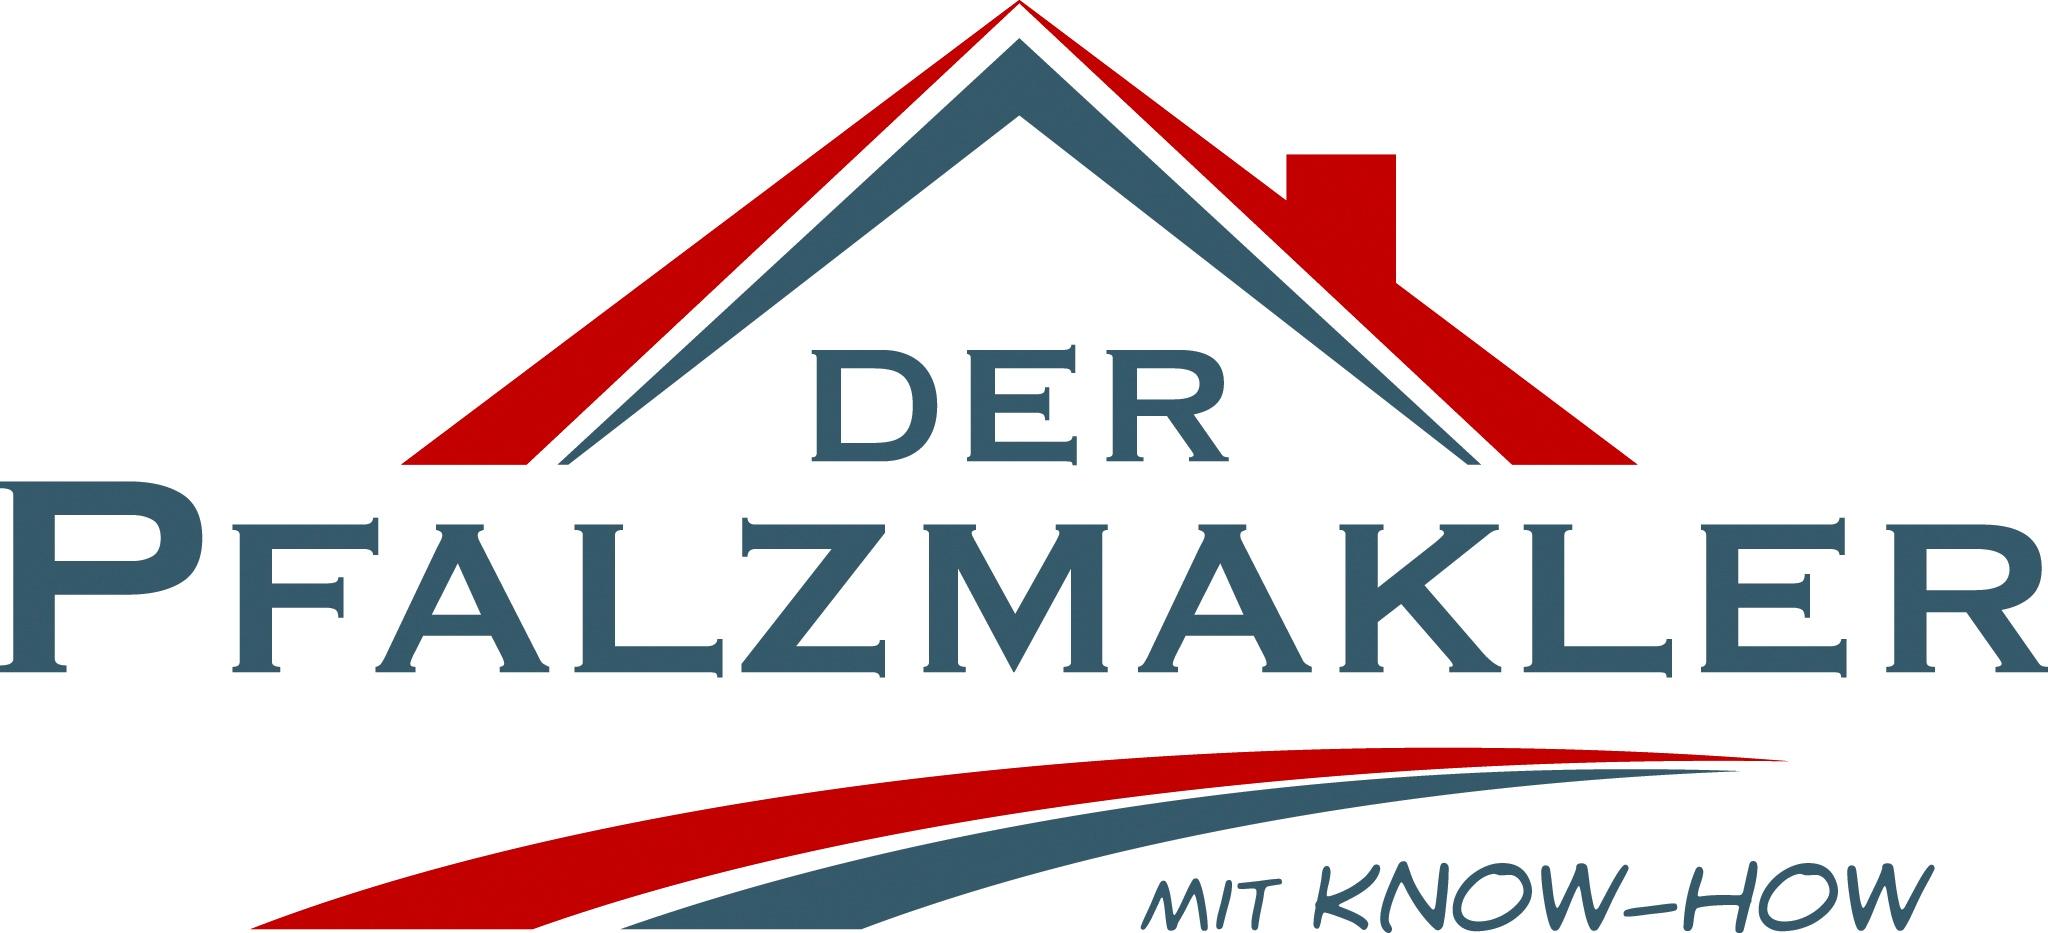 Hier sehen Sie das Logo von Der Pfalzmakler - Immobilienmakler IHK - IVD